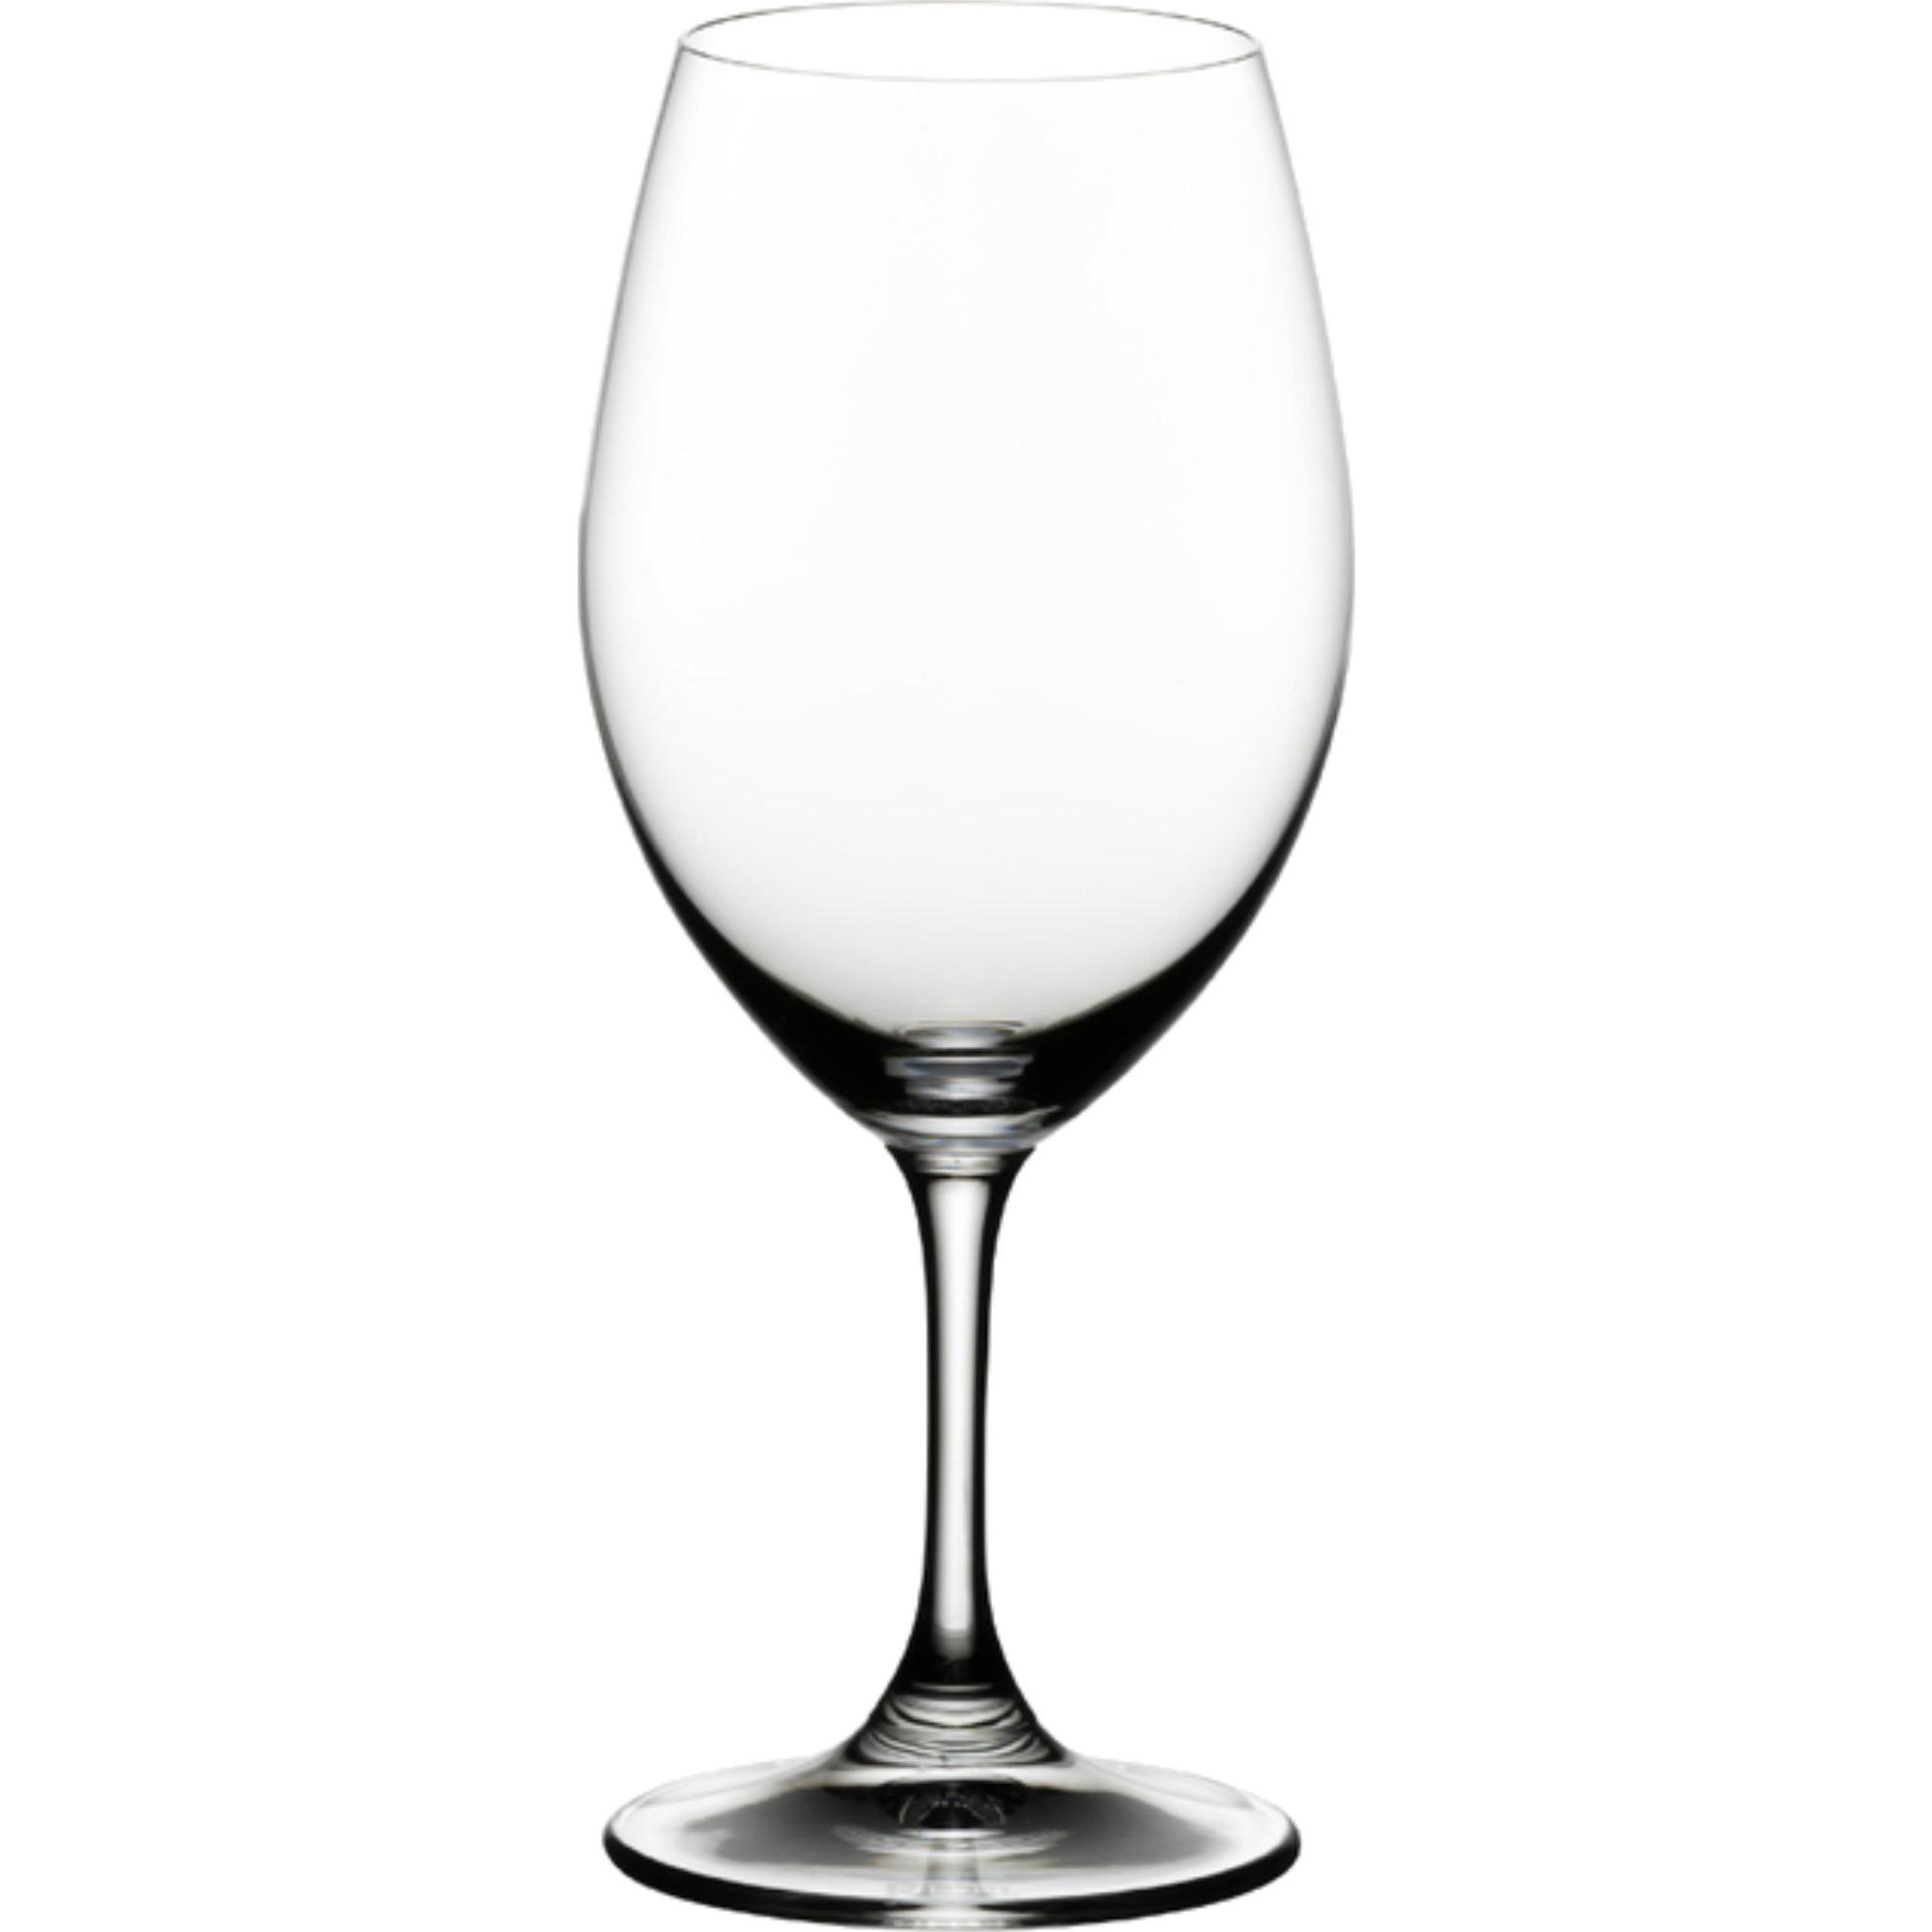 Riedel Ouverture Rödvinsglas 35 cl 2-pack